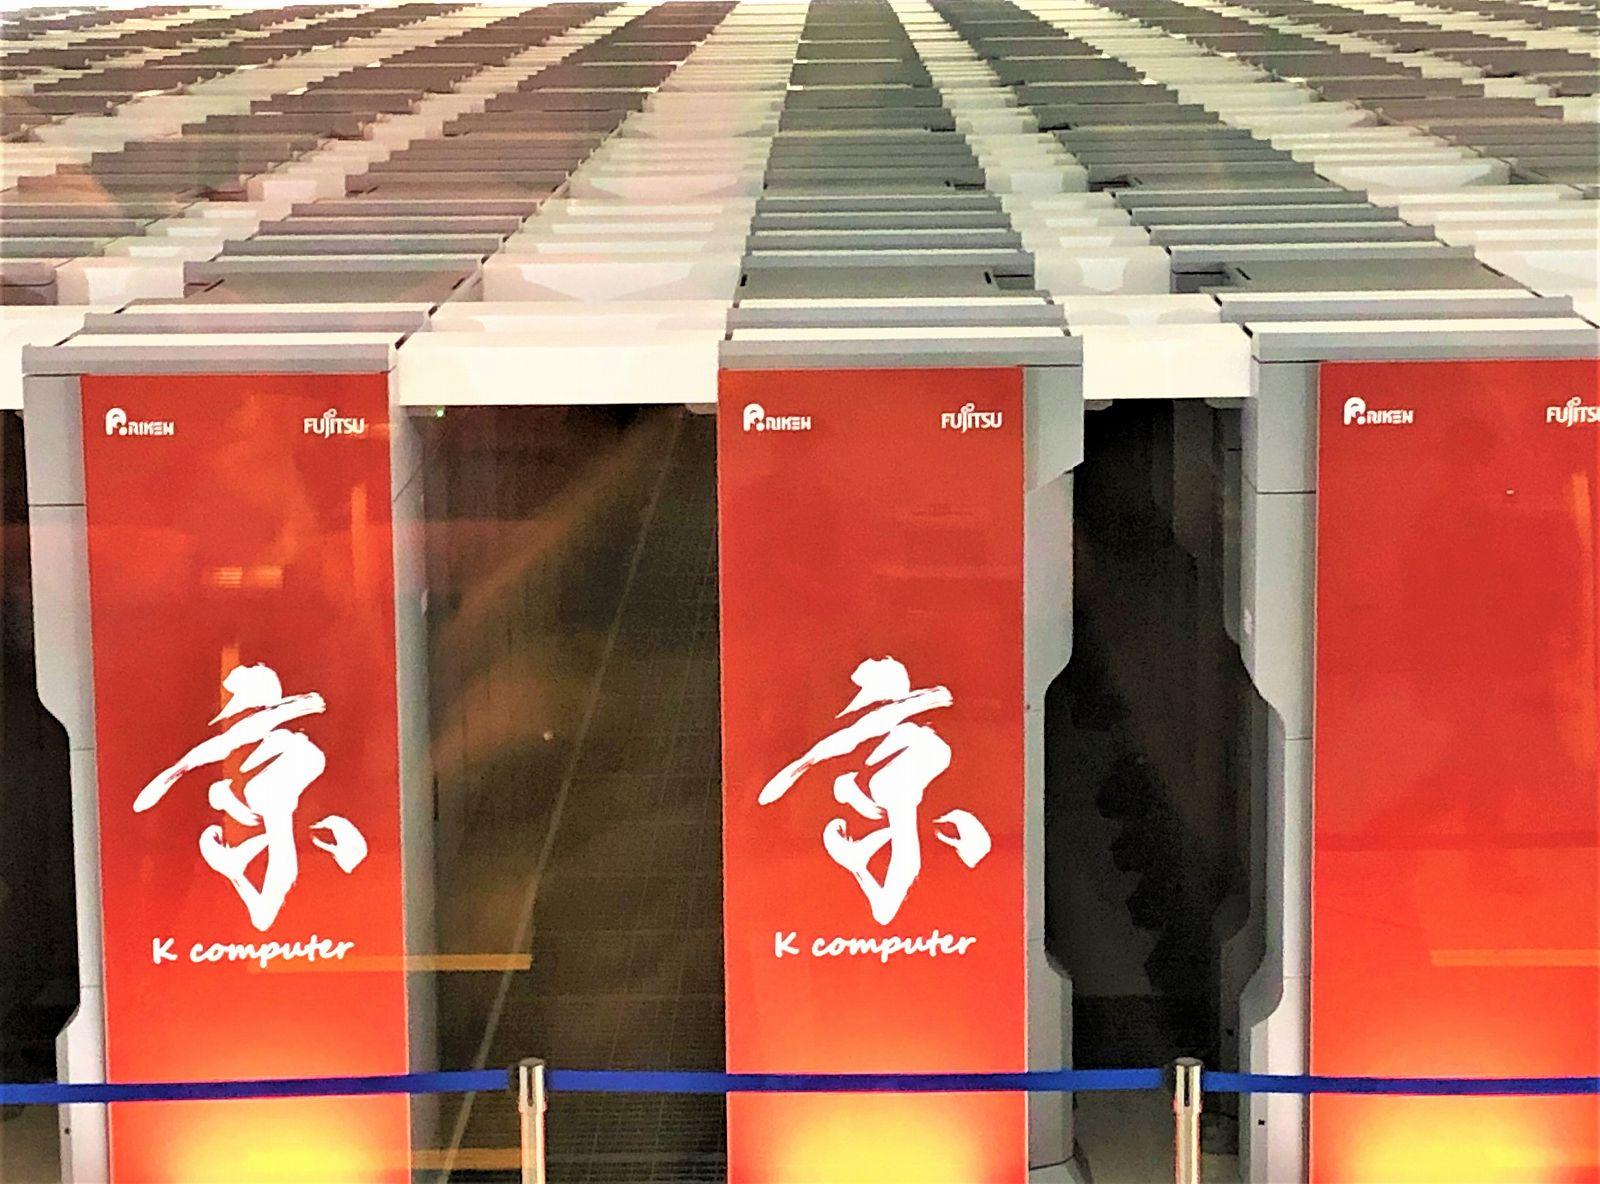 最後の一般公開!スーパーコンピューター「京」と理化学研究所を見学してきた! #京コンピューター #スパコン #理化学研究所 #神戸医療産業都市 #神戸低侵襲がん医療センター